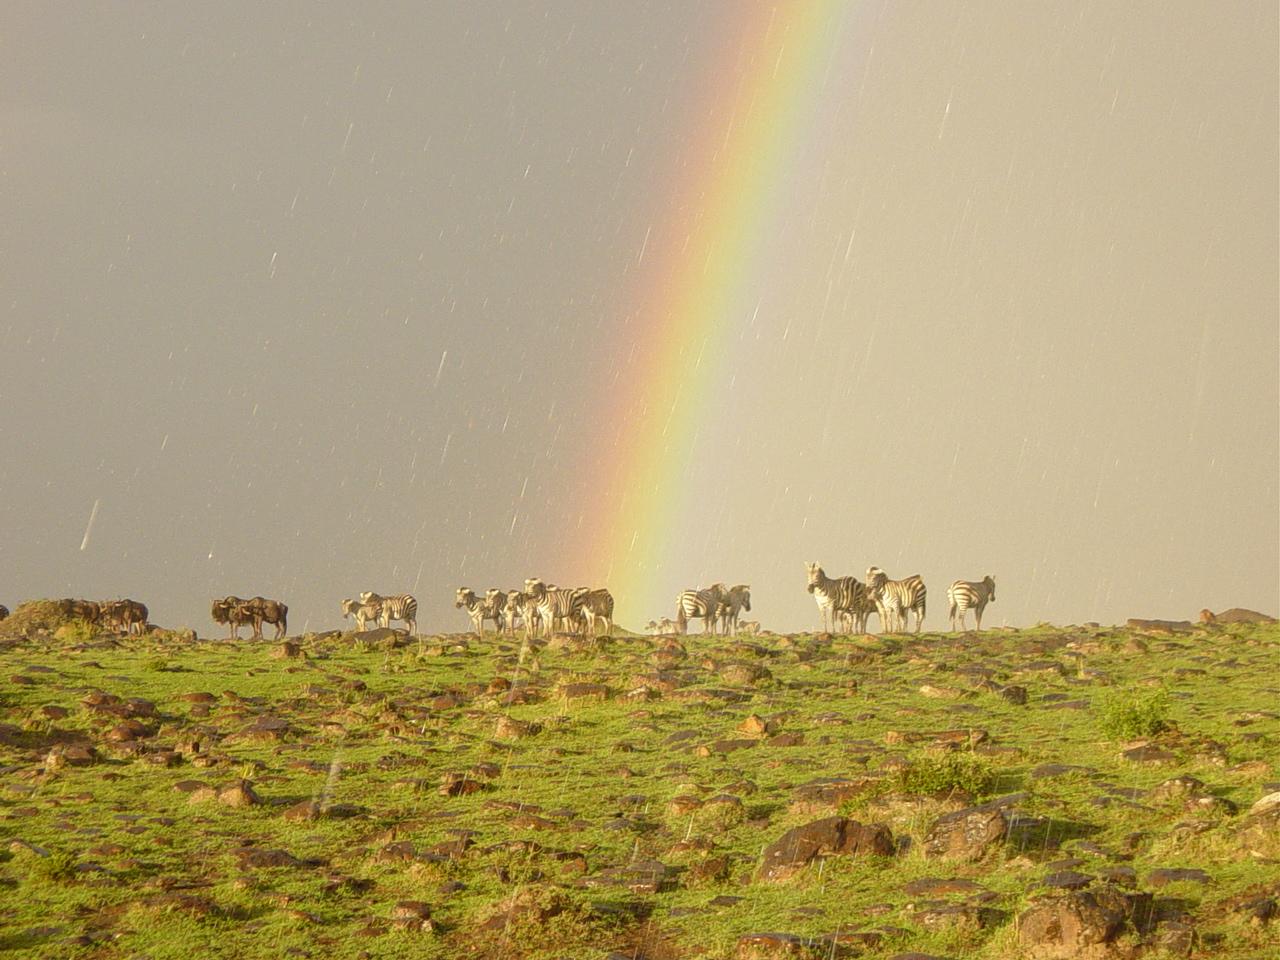 マサイマラ国立保護区のシマウマなどの野生動物の群れ